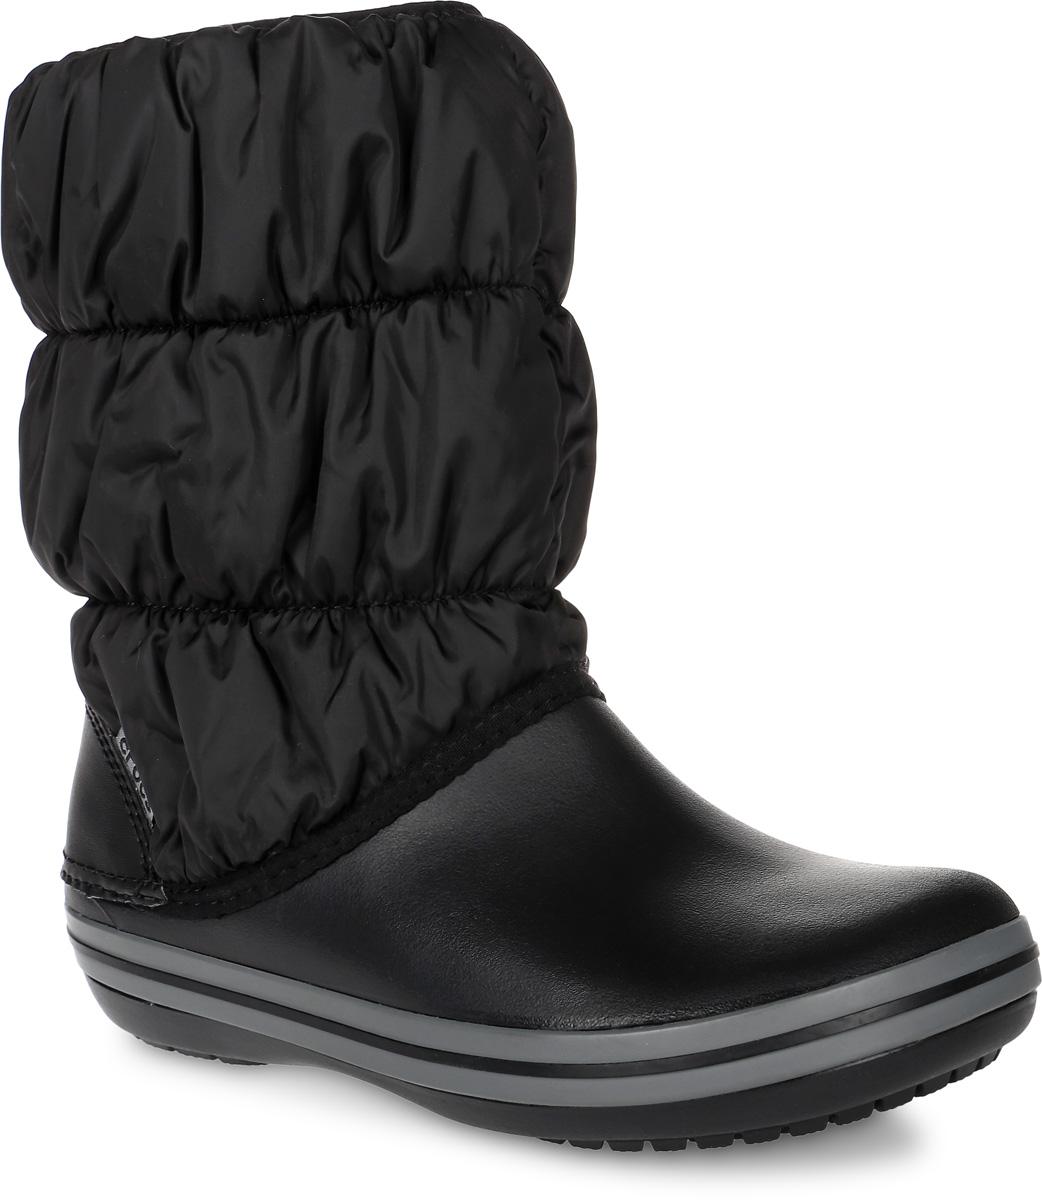 14614-070Дутики Crocs Winter Puff Boot выполнены из полимерного материала и высококачественного текстиля, не пропускающего воду. Модель оформлена декоративной прострочкой. Эластичная резинка надежно зафиксирует модель на ноге. Внутренняя поверхность и стелька выполнены из утепленного текстиля, комфортного при движении. Подошва изготовлена из полимерного материала и дополнена протектором, который гарантирует отличное сцепление с любой поверхностью.